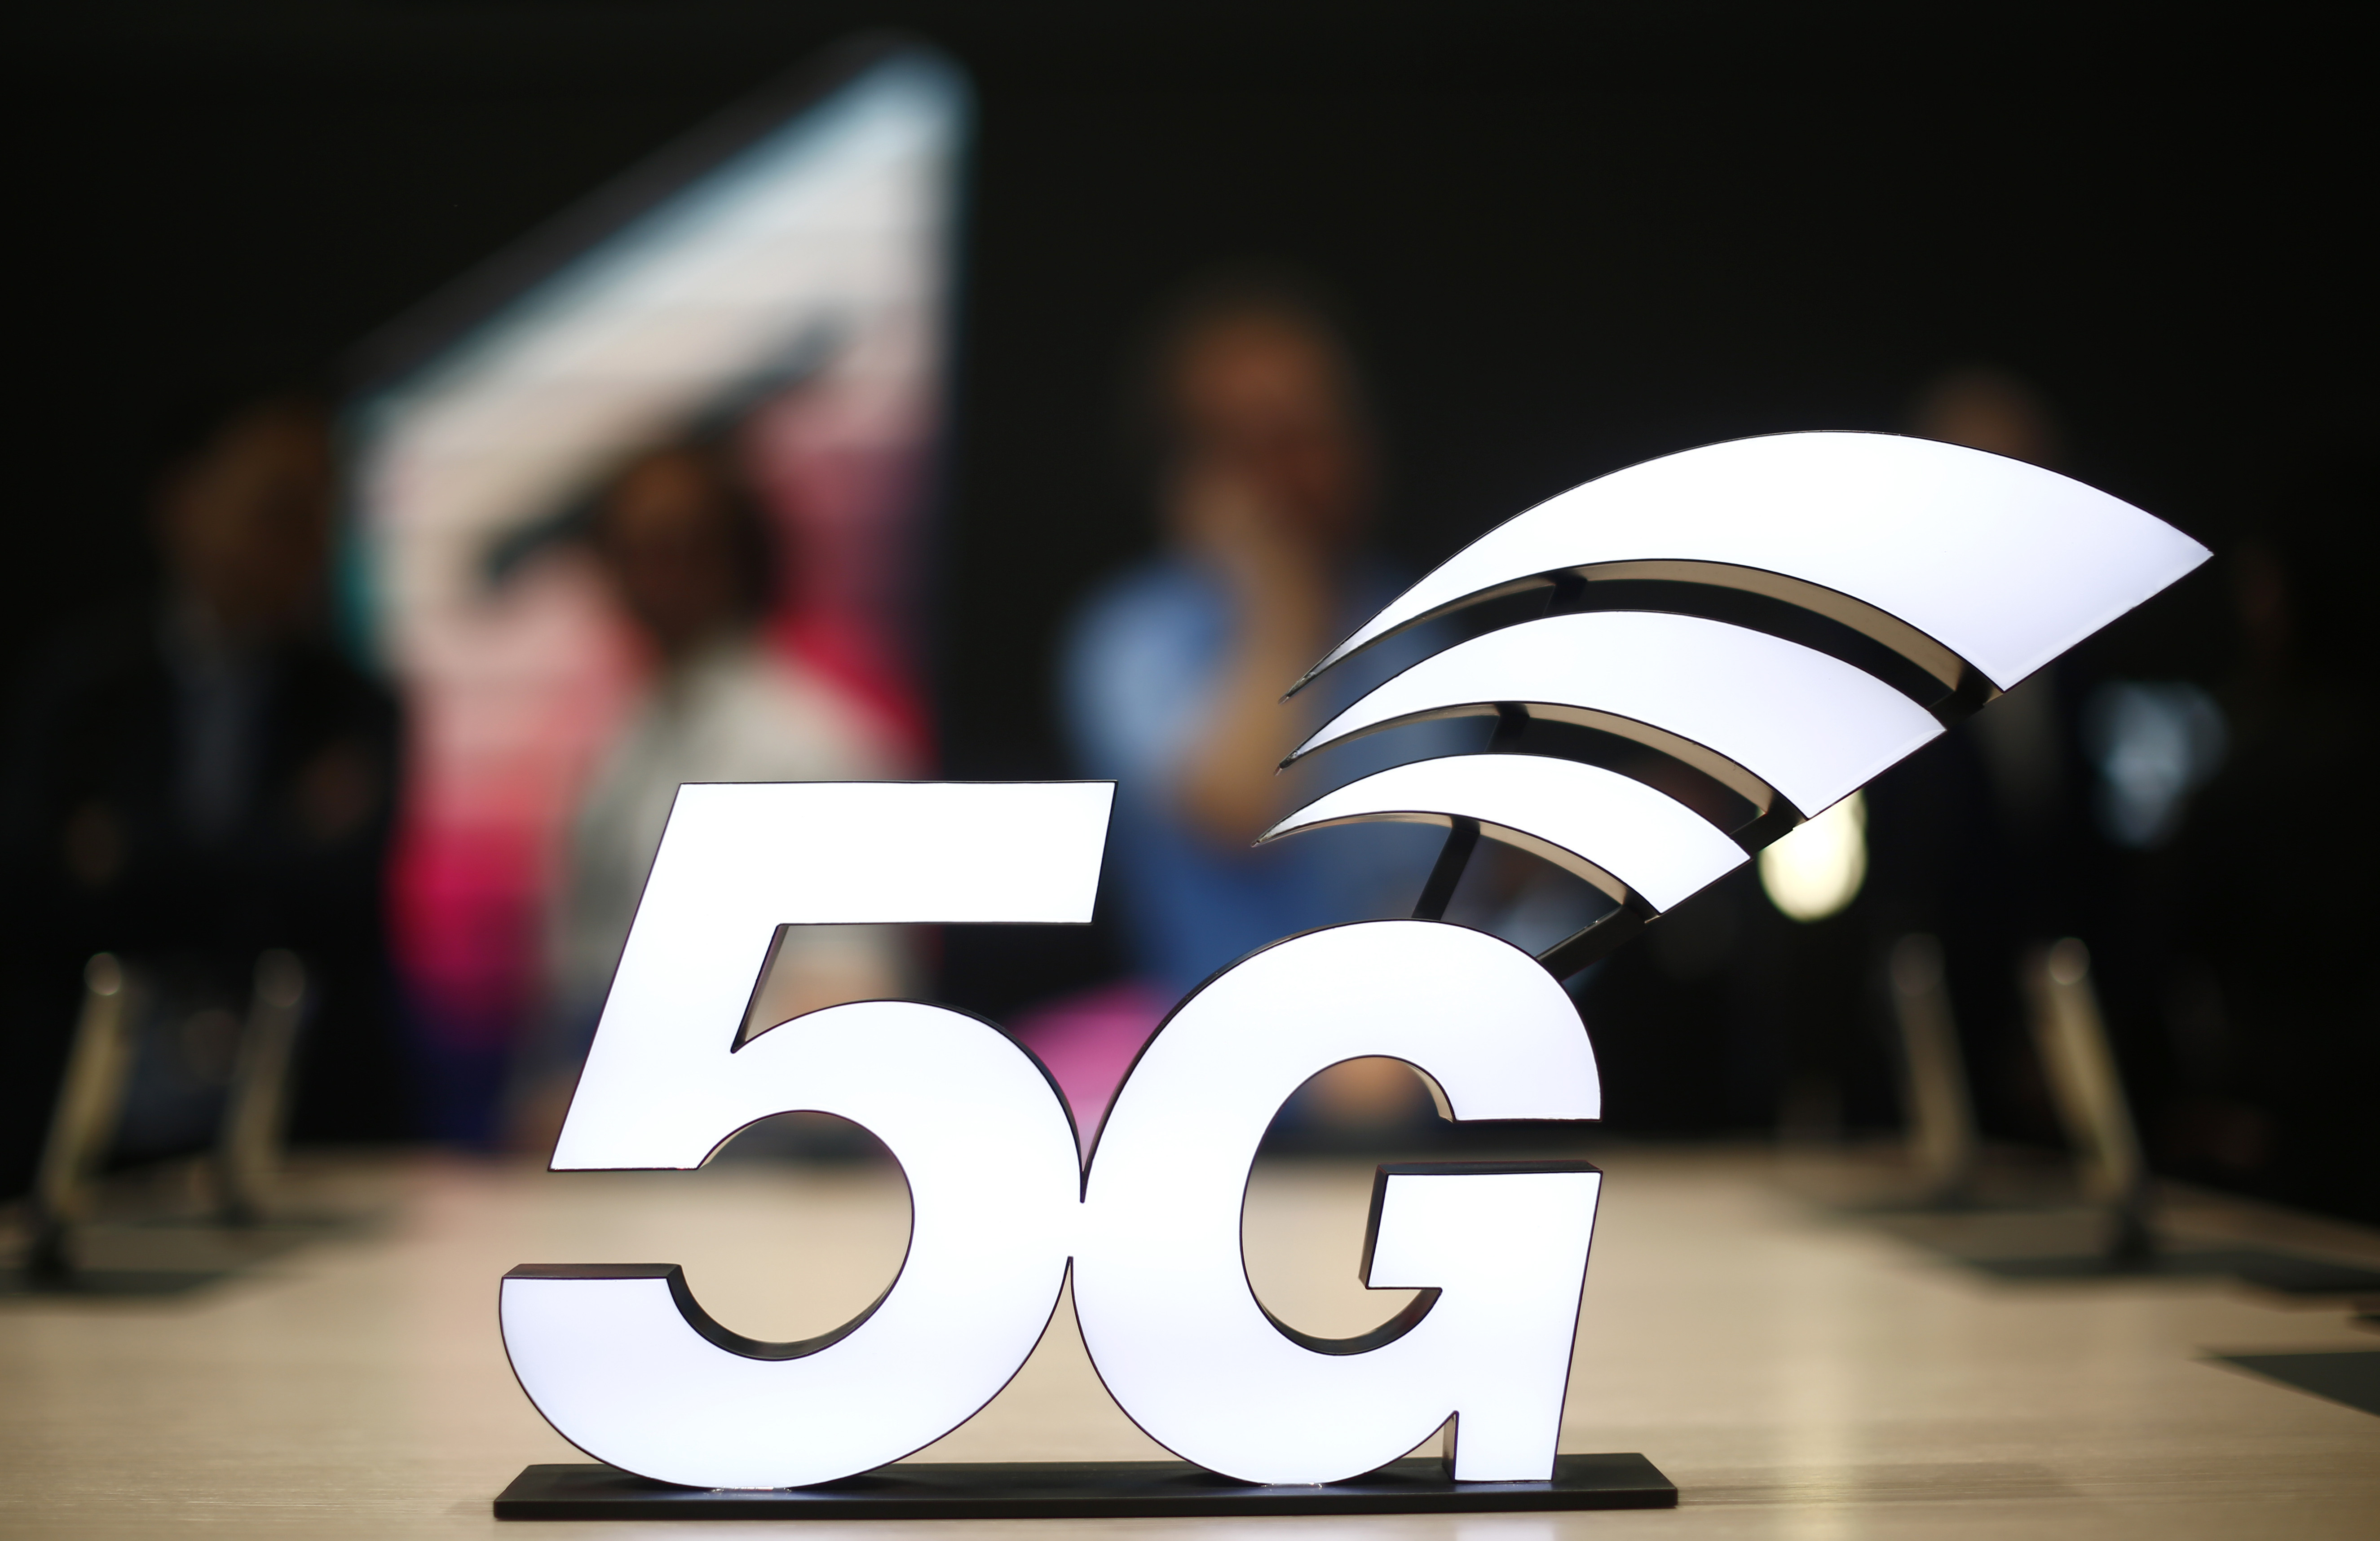 Legea privind implementarea reţelelor 5G în România a fost adoptată de Senat. În ce condiții va fi implementată